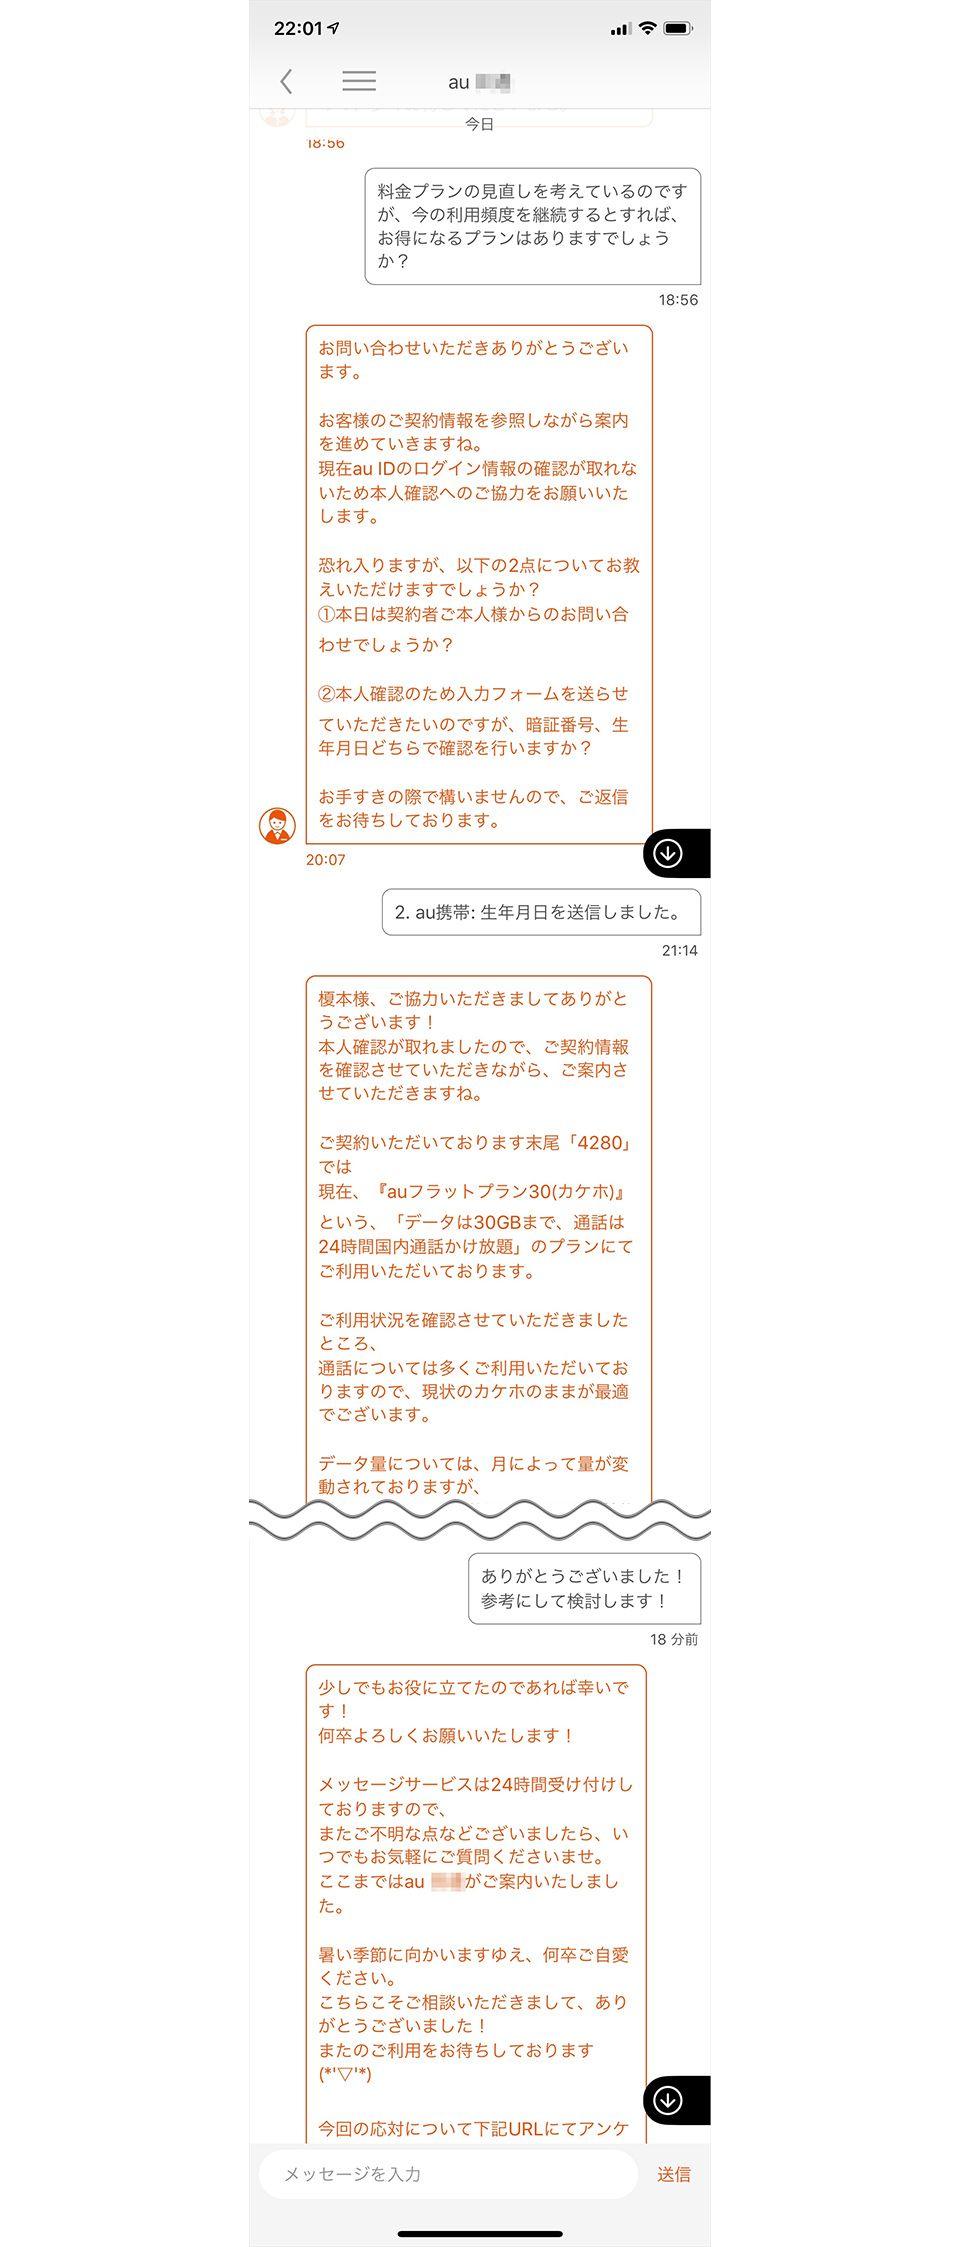 My auアプリのメッセージ相談画面